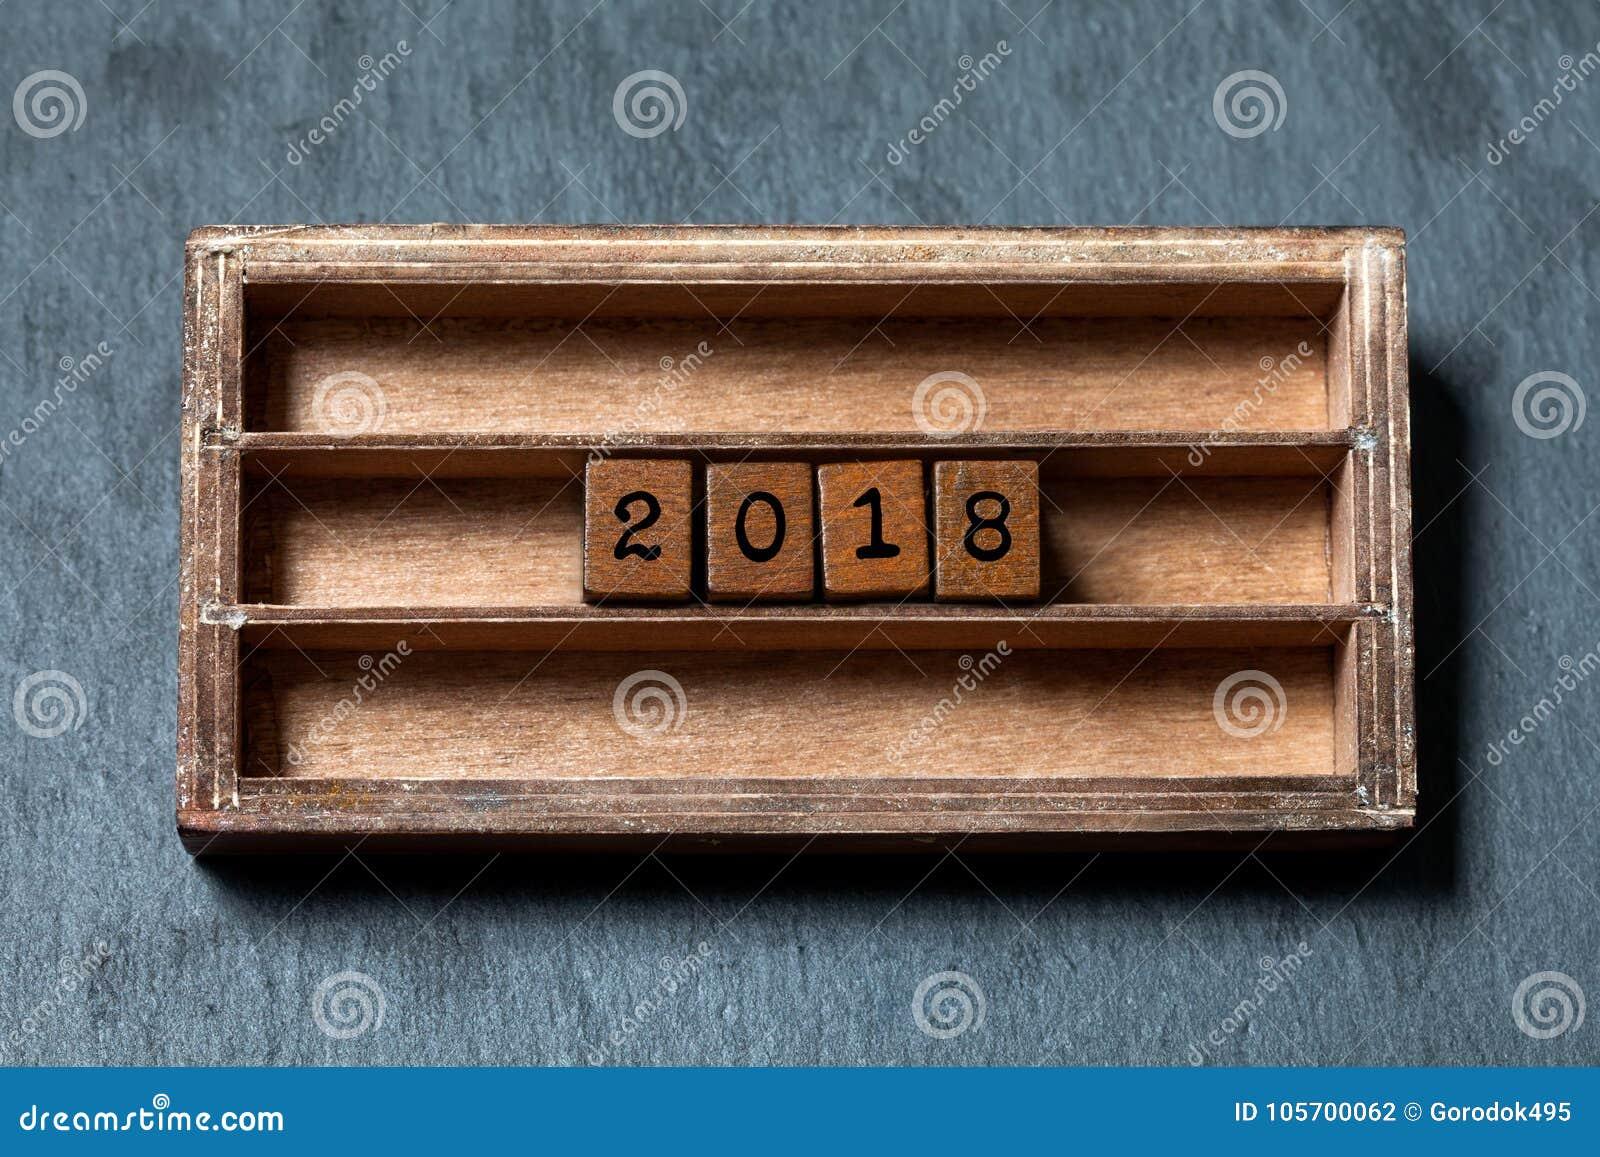 Cartaz do convite do cartão de 2018 anos Caixa do vintage, cubos de madeira com letras do estilo antigo Pedra cinzenta textured